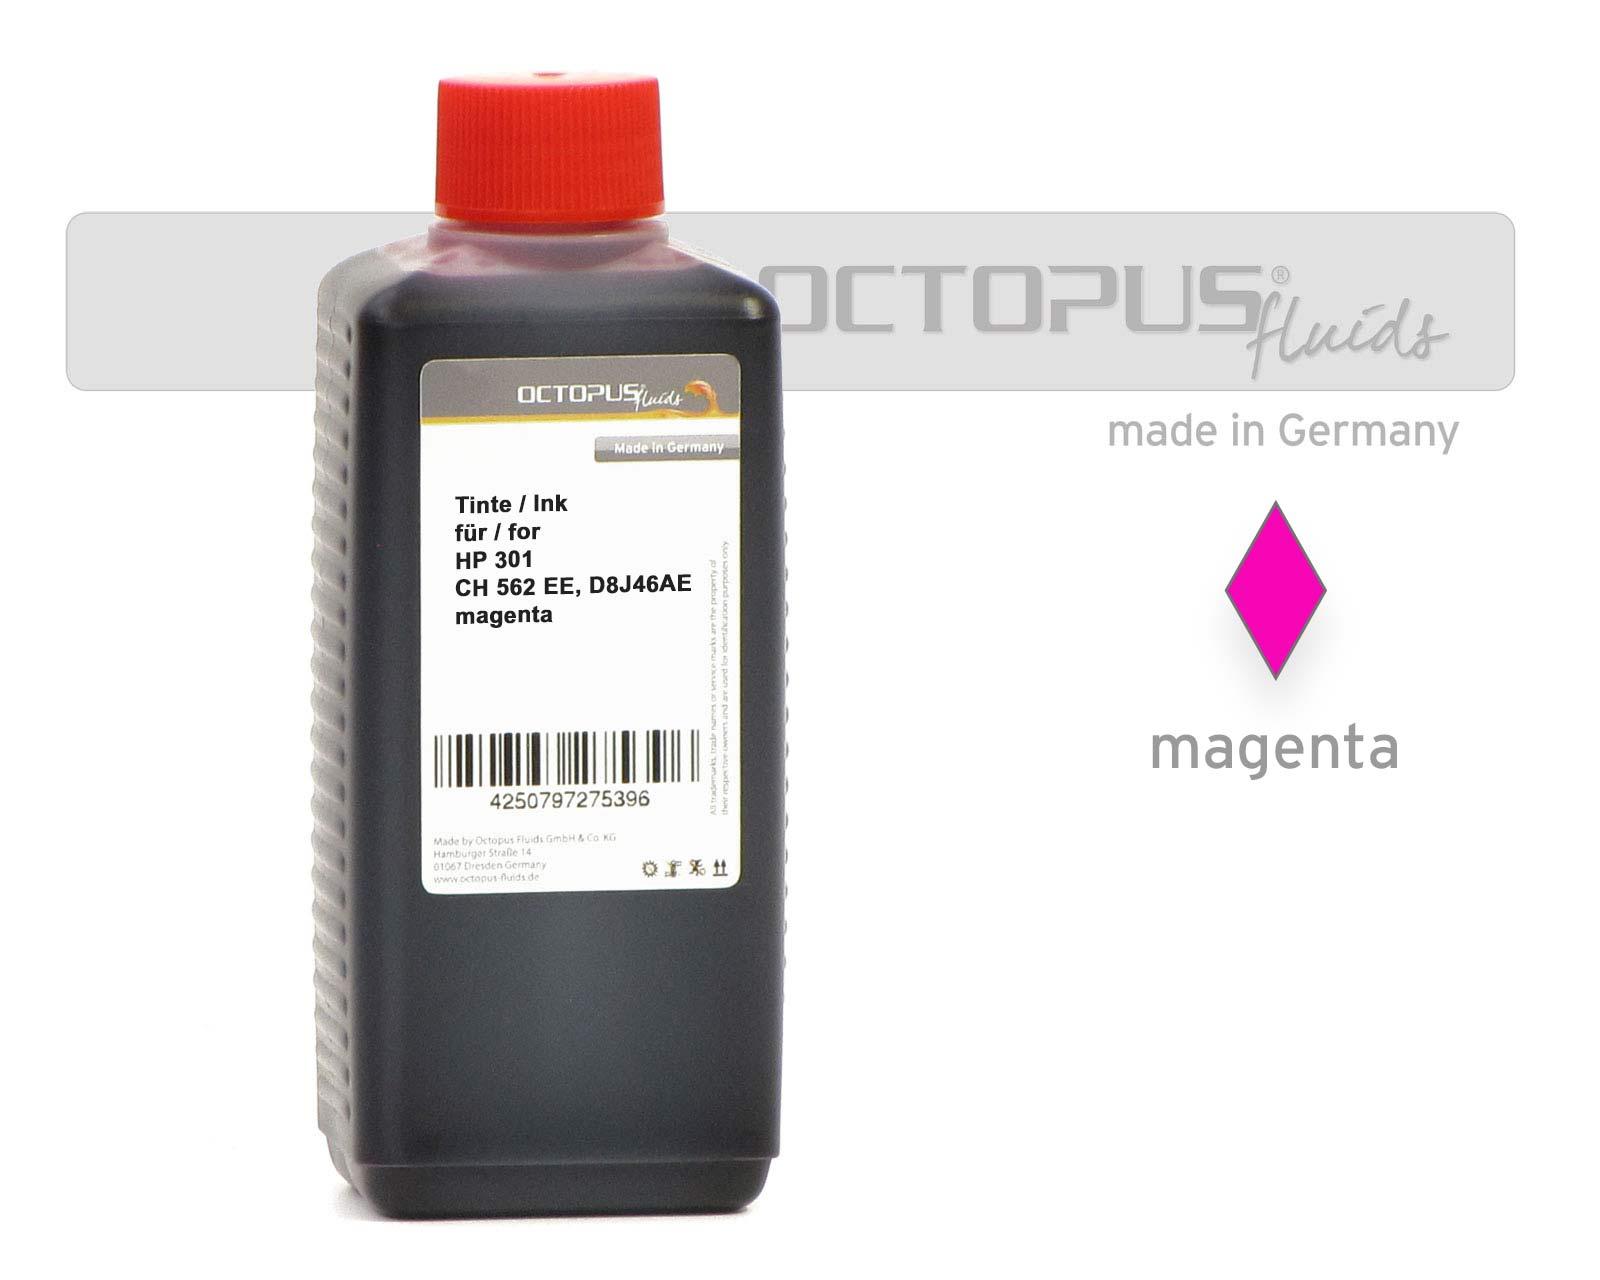 Druckertinte für HP 301, CH 562 EE, D8J46AE Druckerpatronen magenta